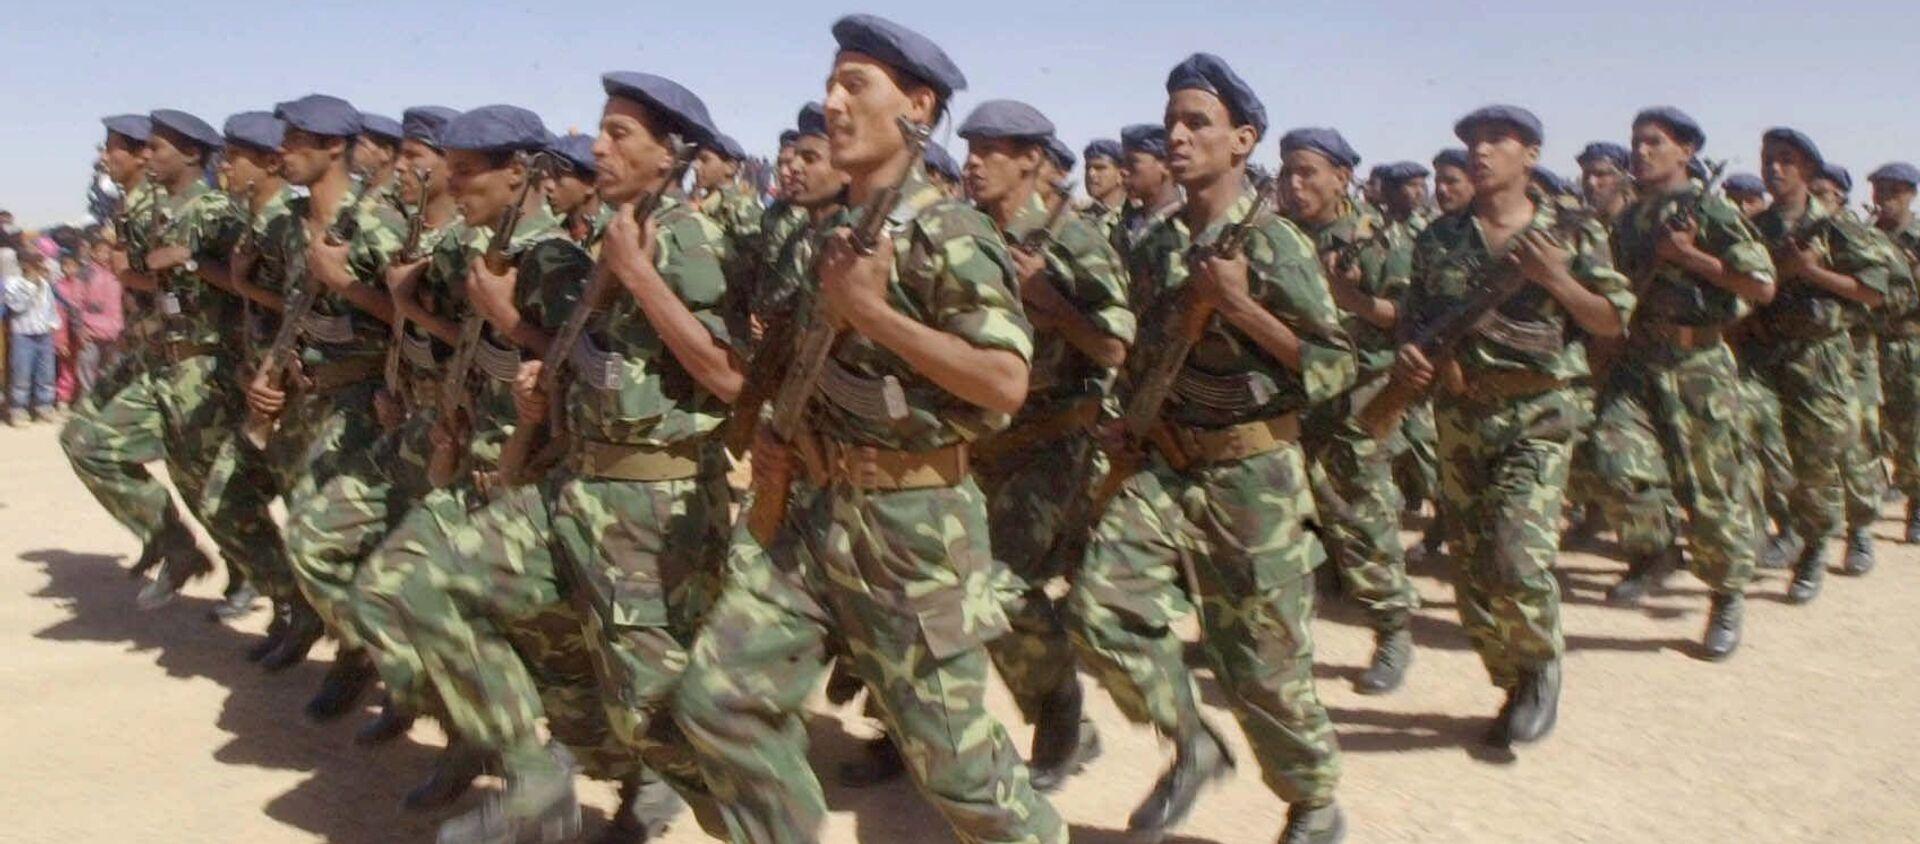 Unos soldados del Frente Polisario en 2001 (archivo) - Sputnik Mundo, 1920, 15.11.2020